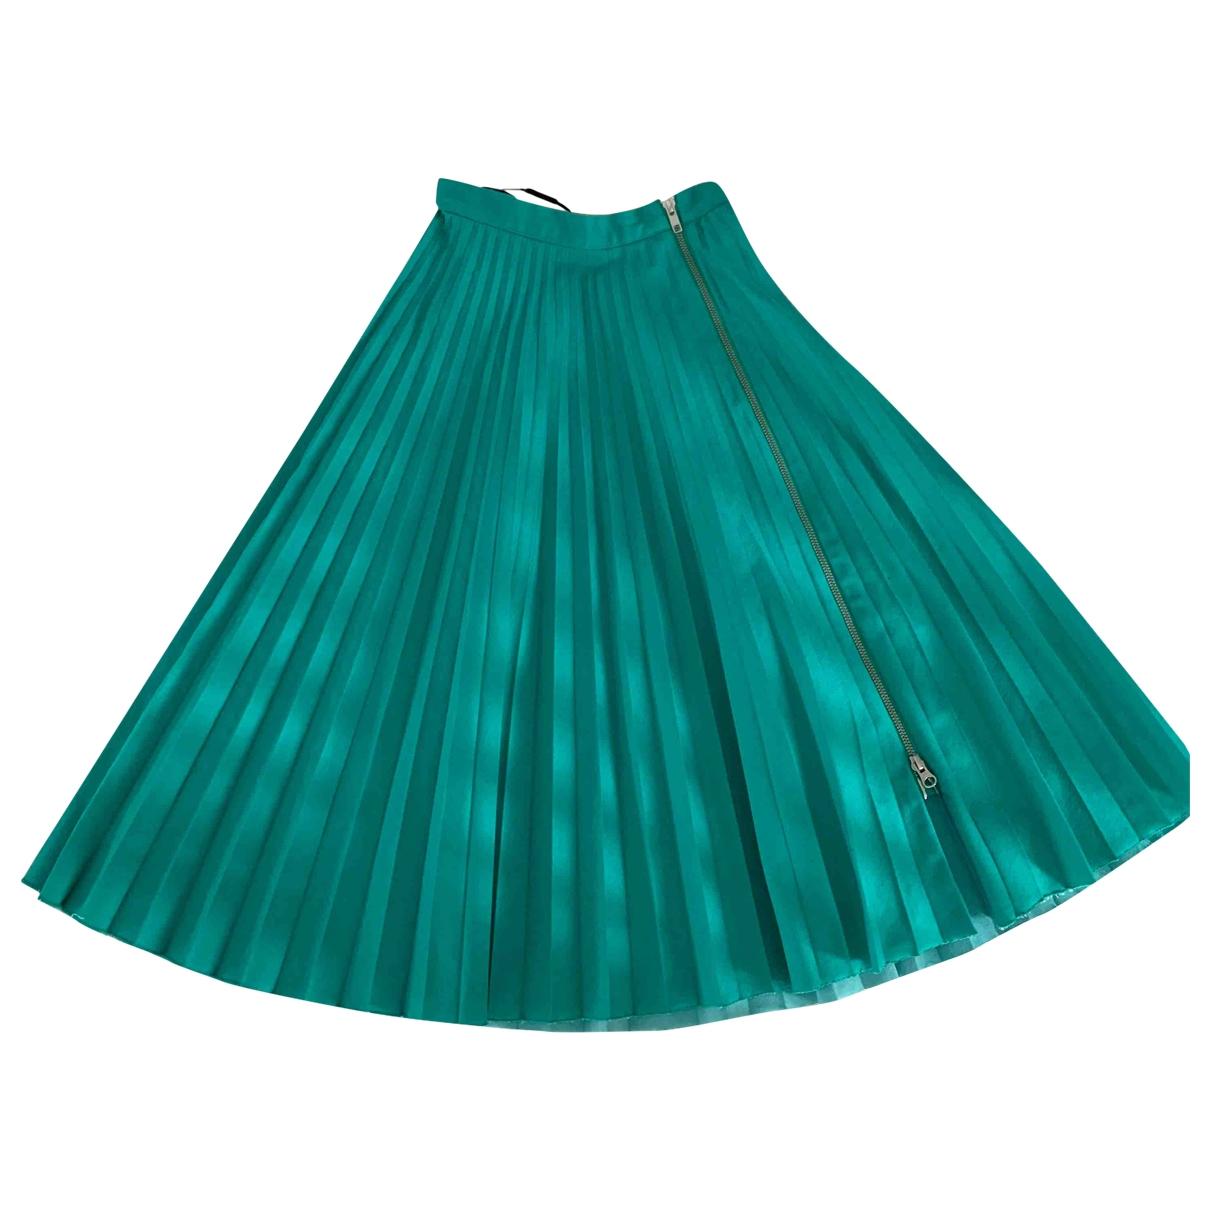 Antipodium \N Green skirt for Women 6 UK